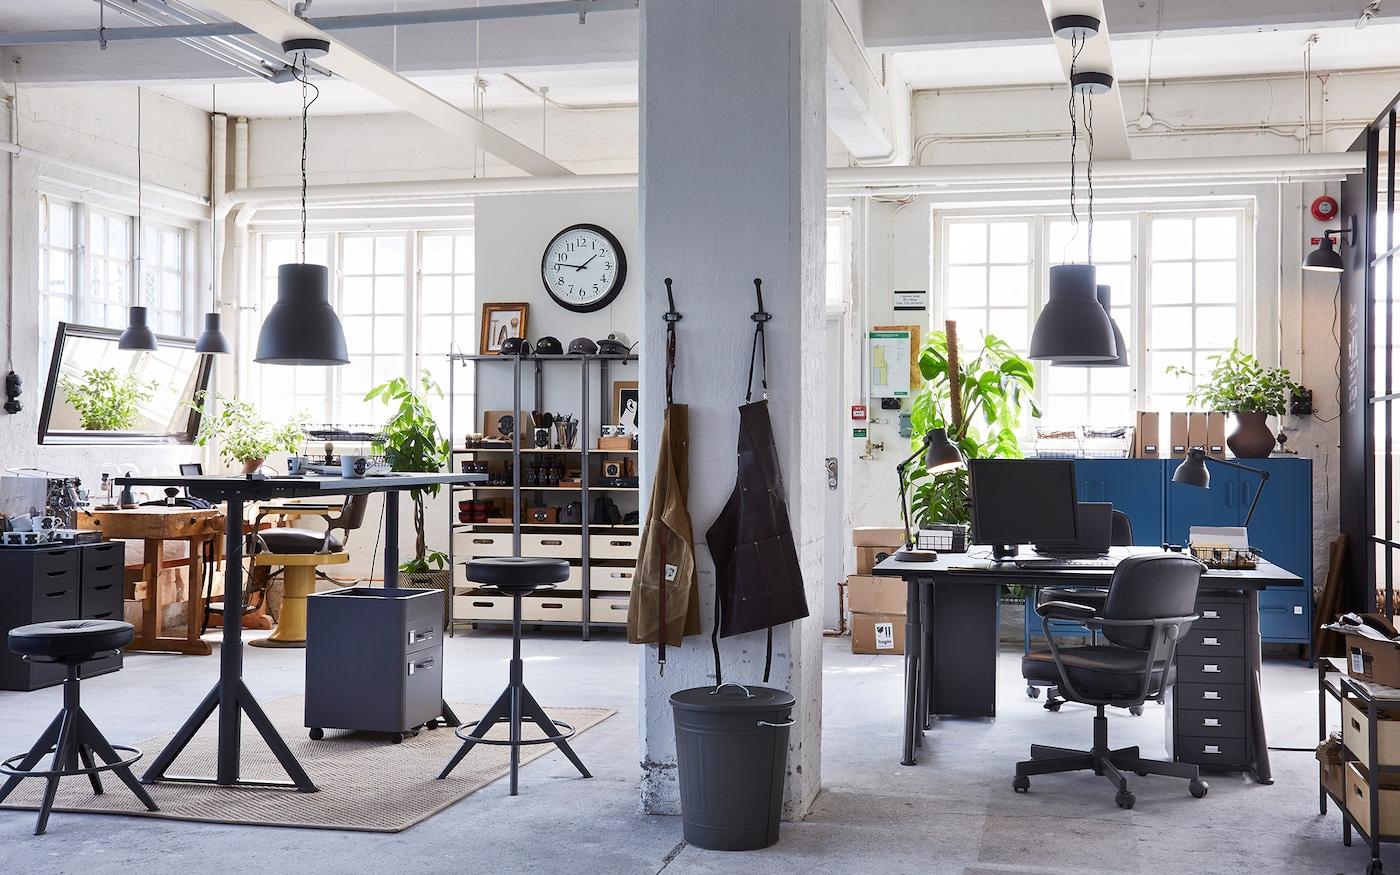 Gemeinsam genutztes Büro mit IDÅSEN Sitz- und Stehschreibtischen von IKEA & ALEFJÄLL Bürostühlen